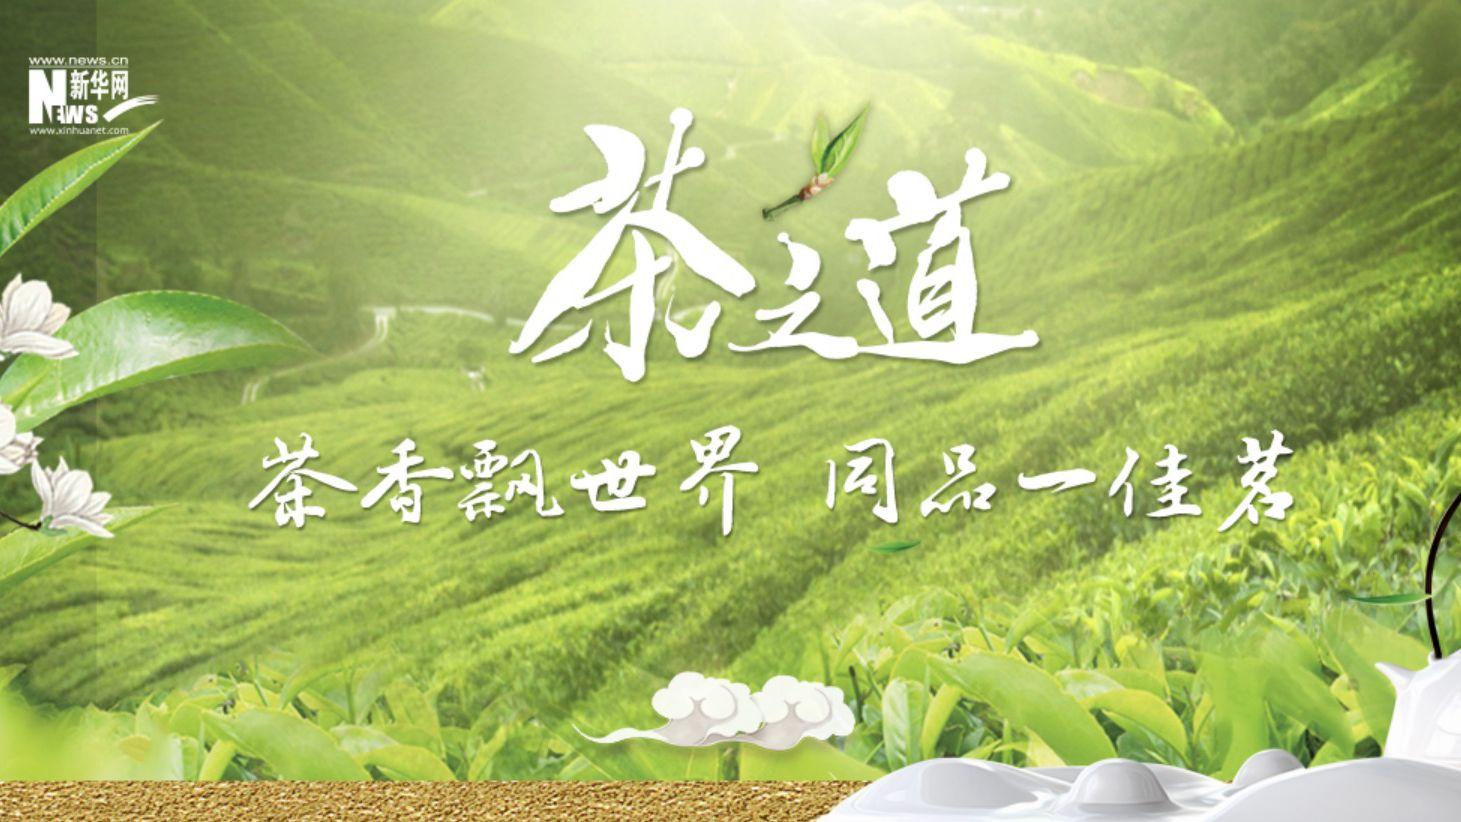 茶之道——茶香飄世界 共品一佳茗